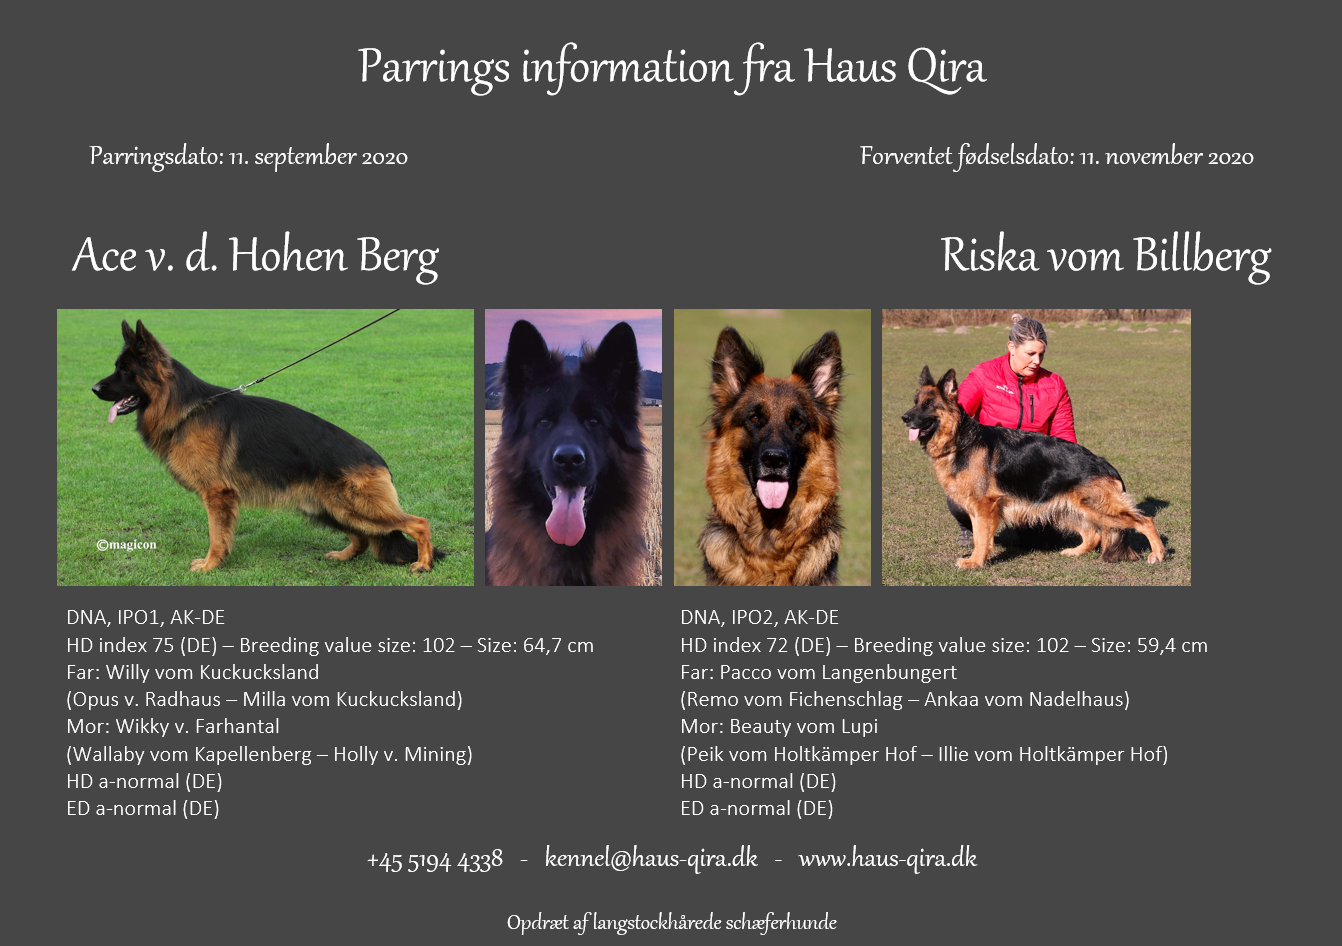 Riska er i dag blevet parret med Ace v. d. Hohen Berg